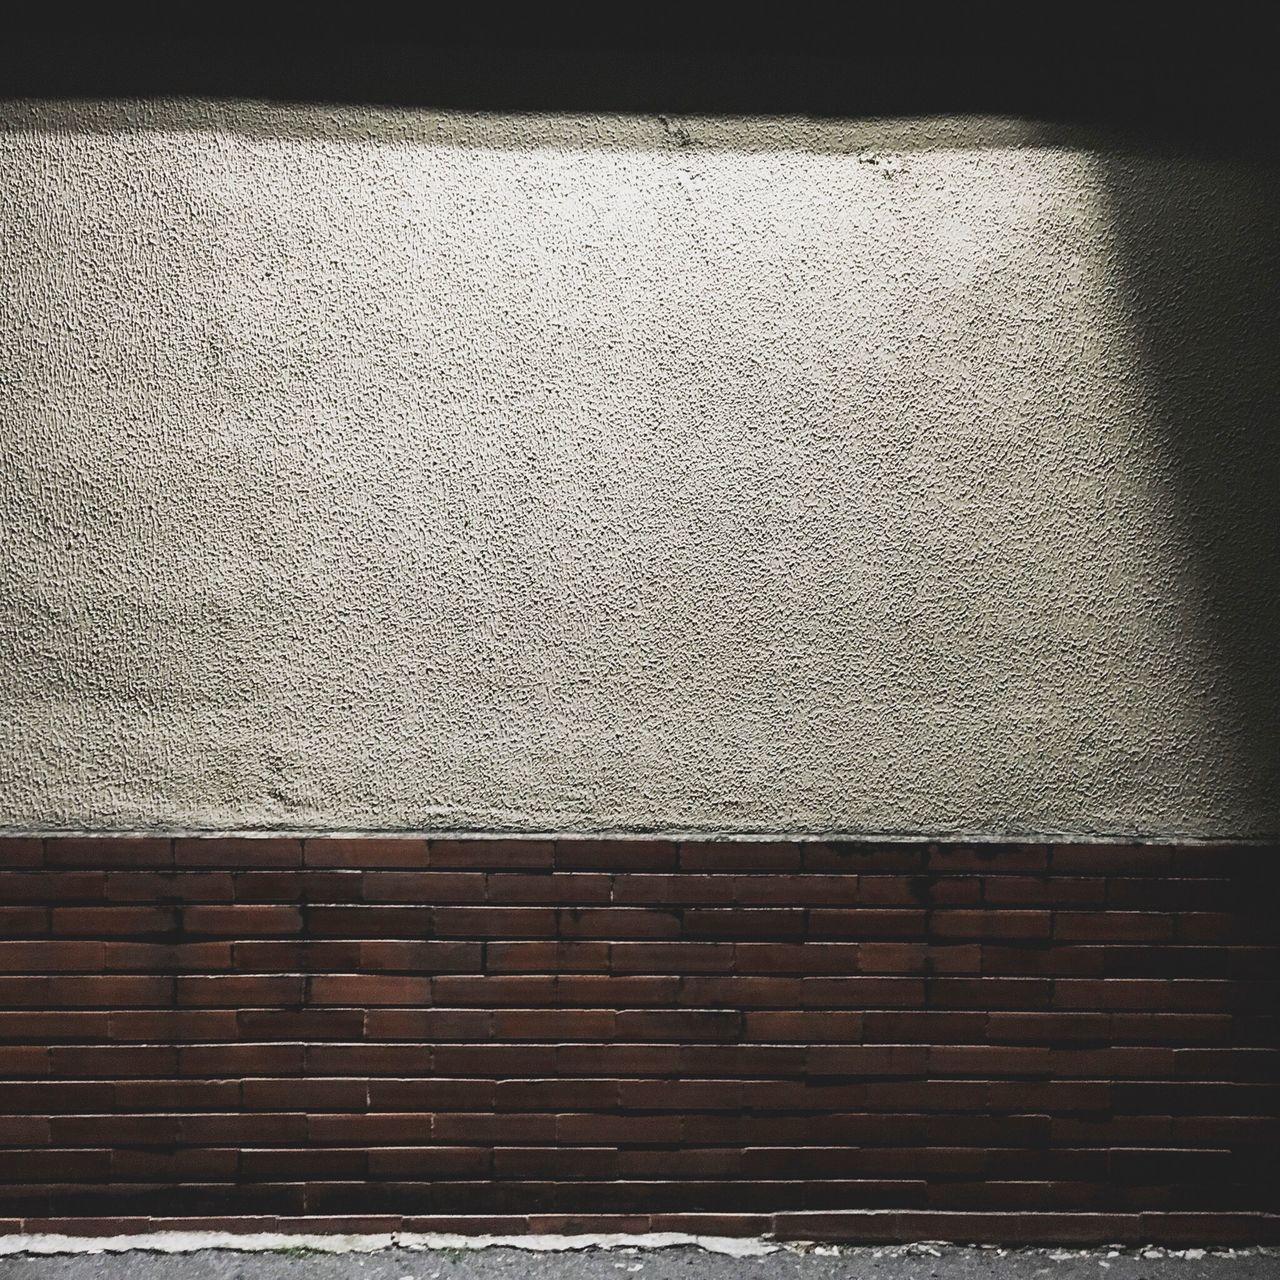 Wall Brick Concrete White Red Brown Shadow Black Light Delacruzfotografia David De La Cruz Architecture No People